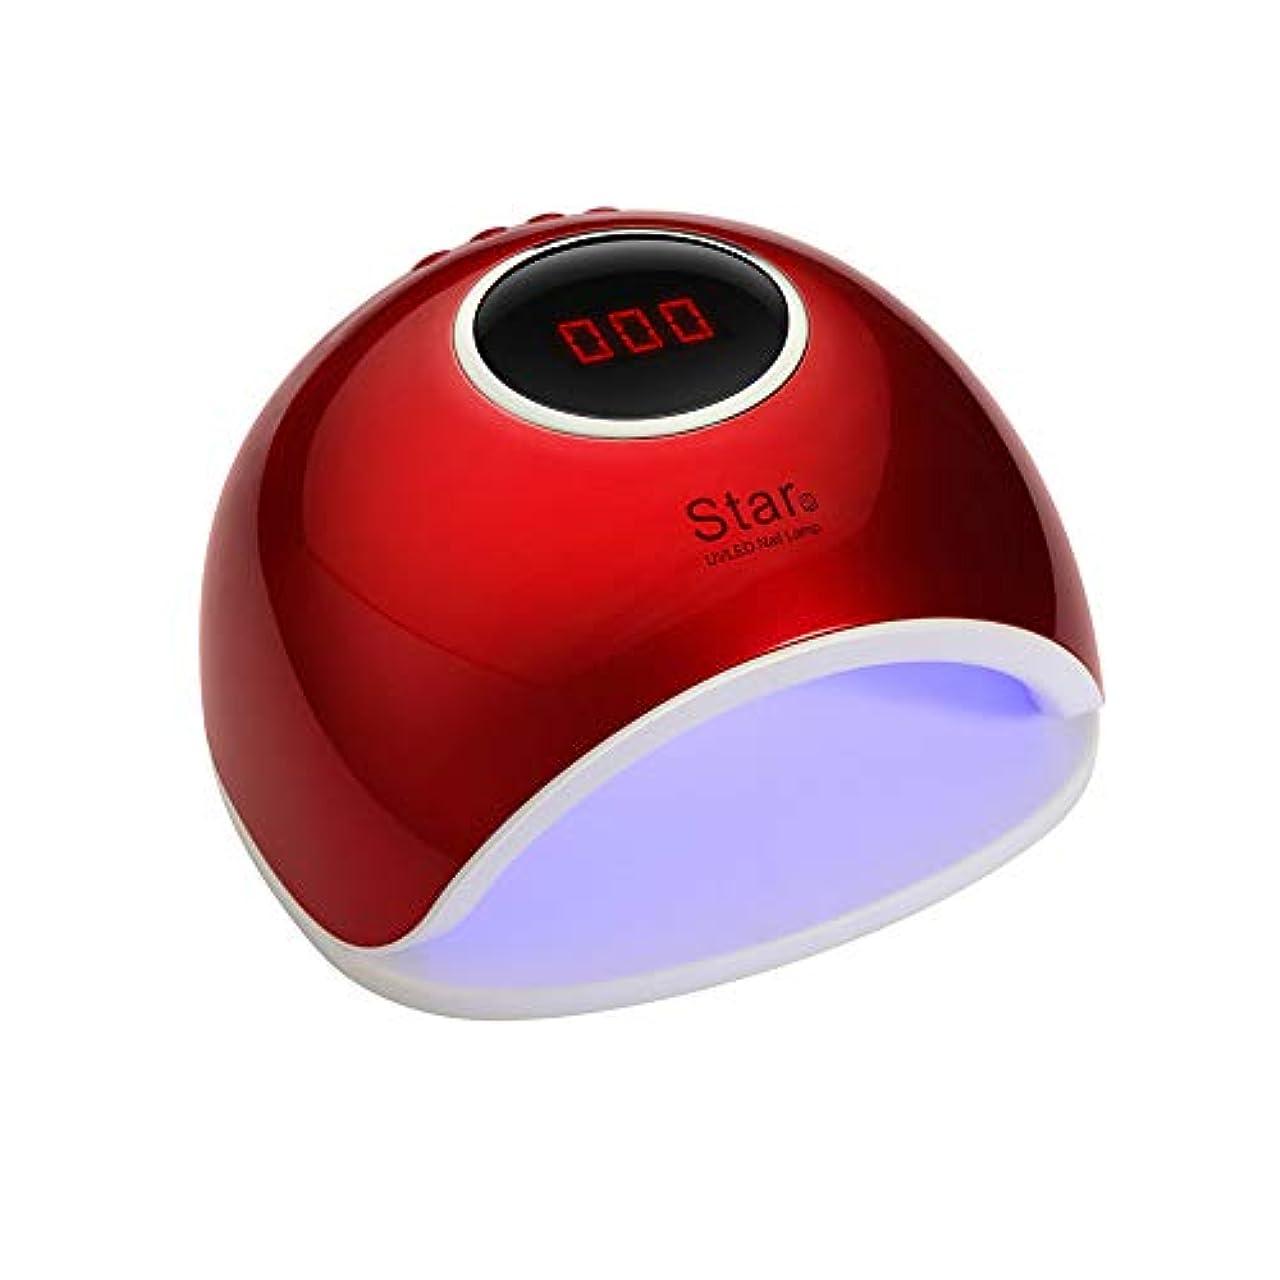 無秩序価値経験者家の修理初心者ネイルスマート光療法機72ワットスマート誘導無痛マニキュアドライヤーネイルポリッシュグルーライト速乾性ネイルランプ